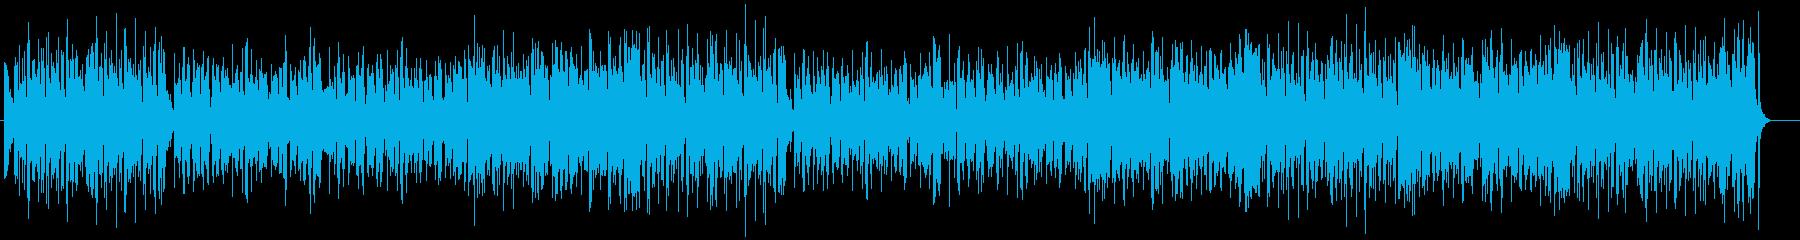 ルンルン気分になるキュートポップの再生済みの波形